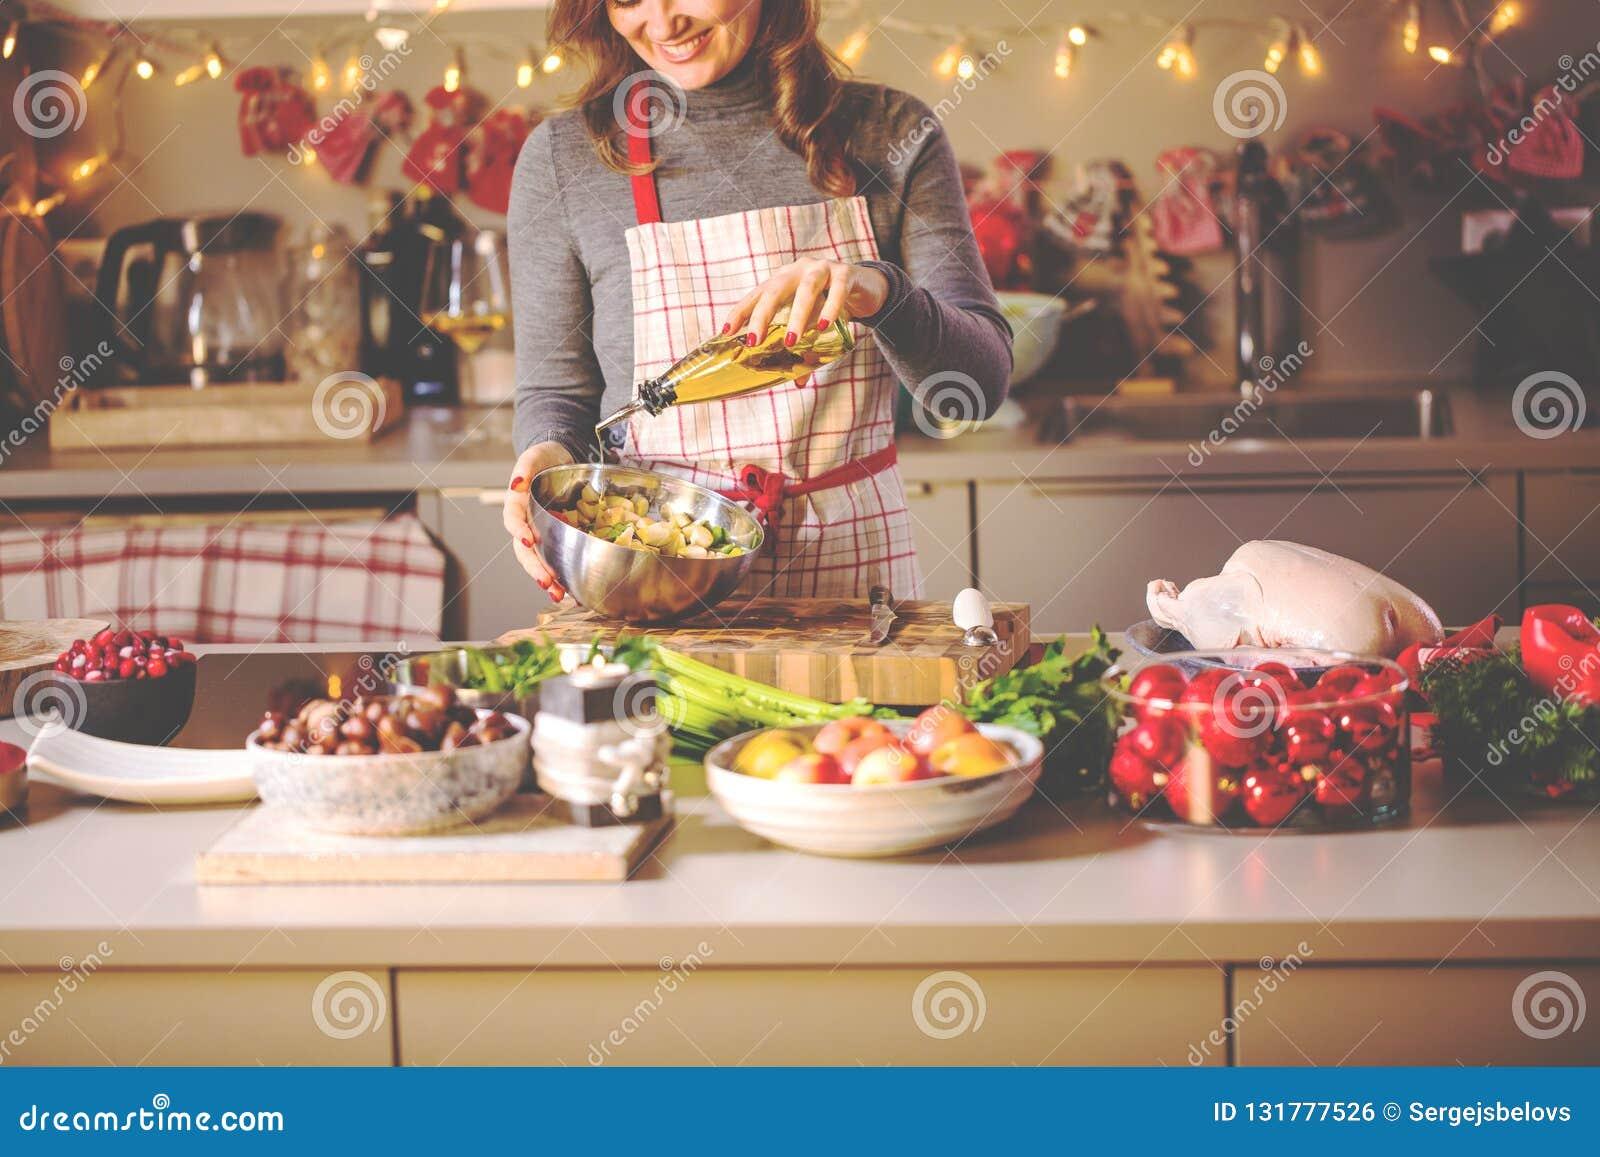 烹调在厨房里的少妇 圣诞节被充塞的鸭子或鹅的健康食品